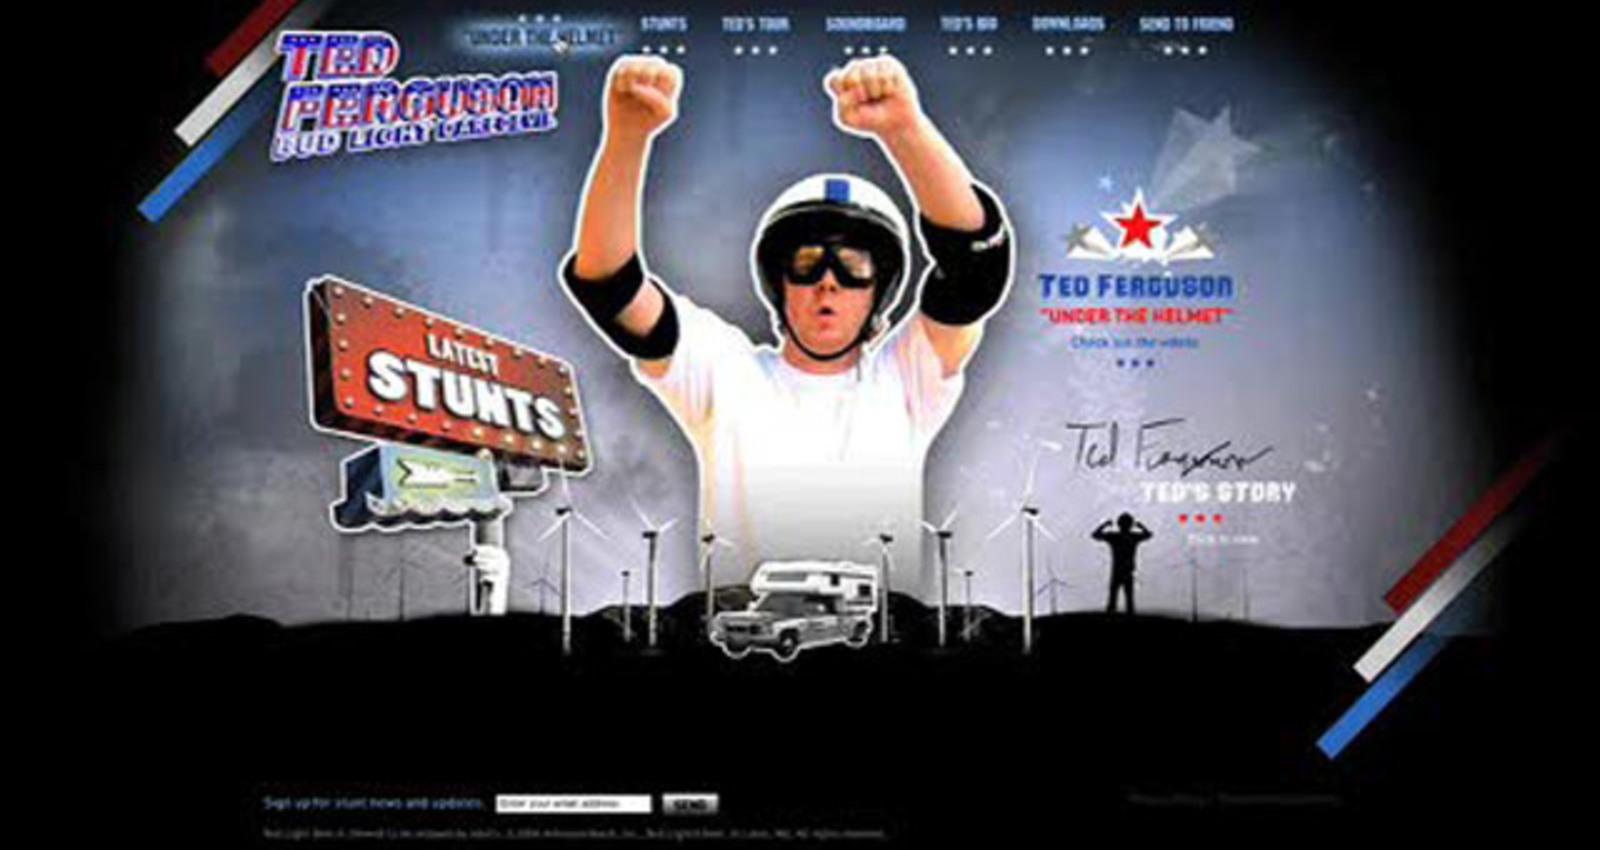 Ted Ferguson Bud Light Daredevil